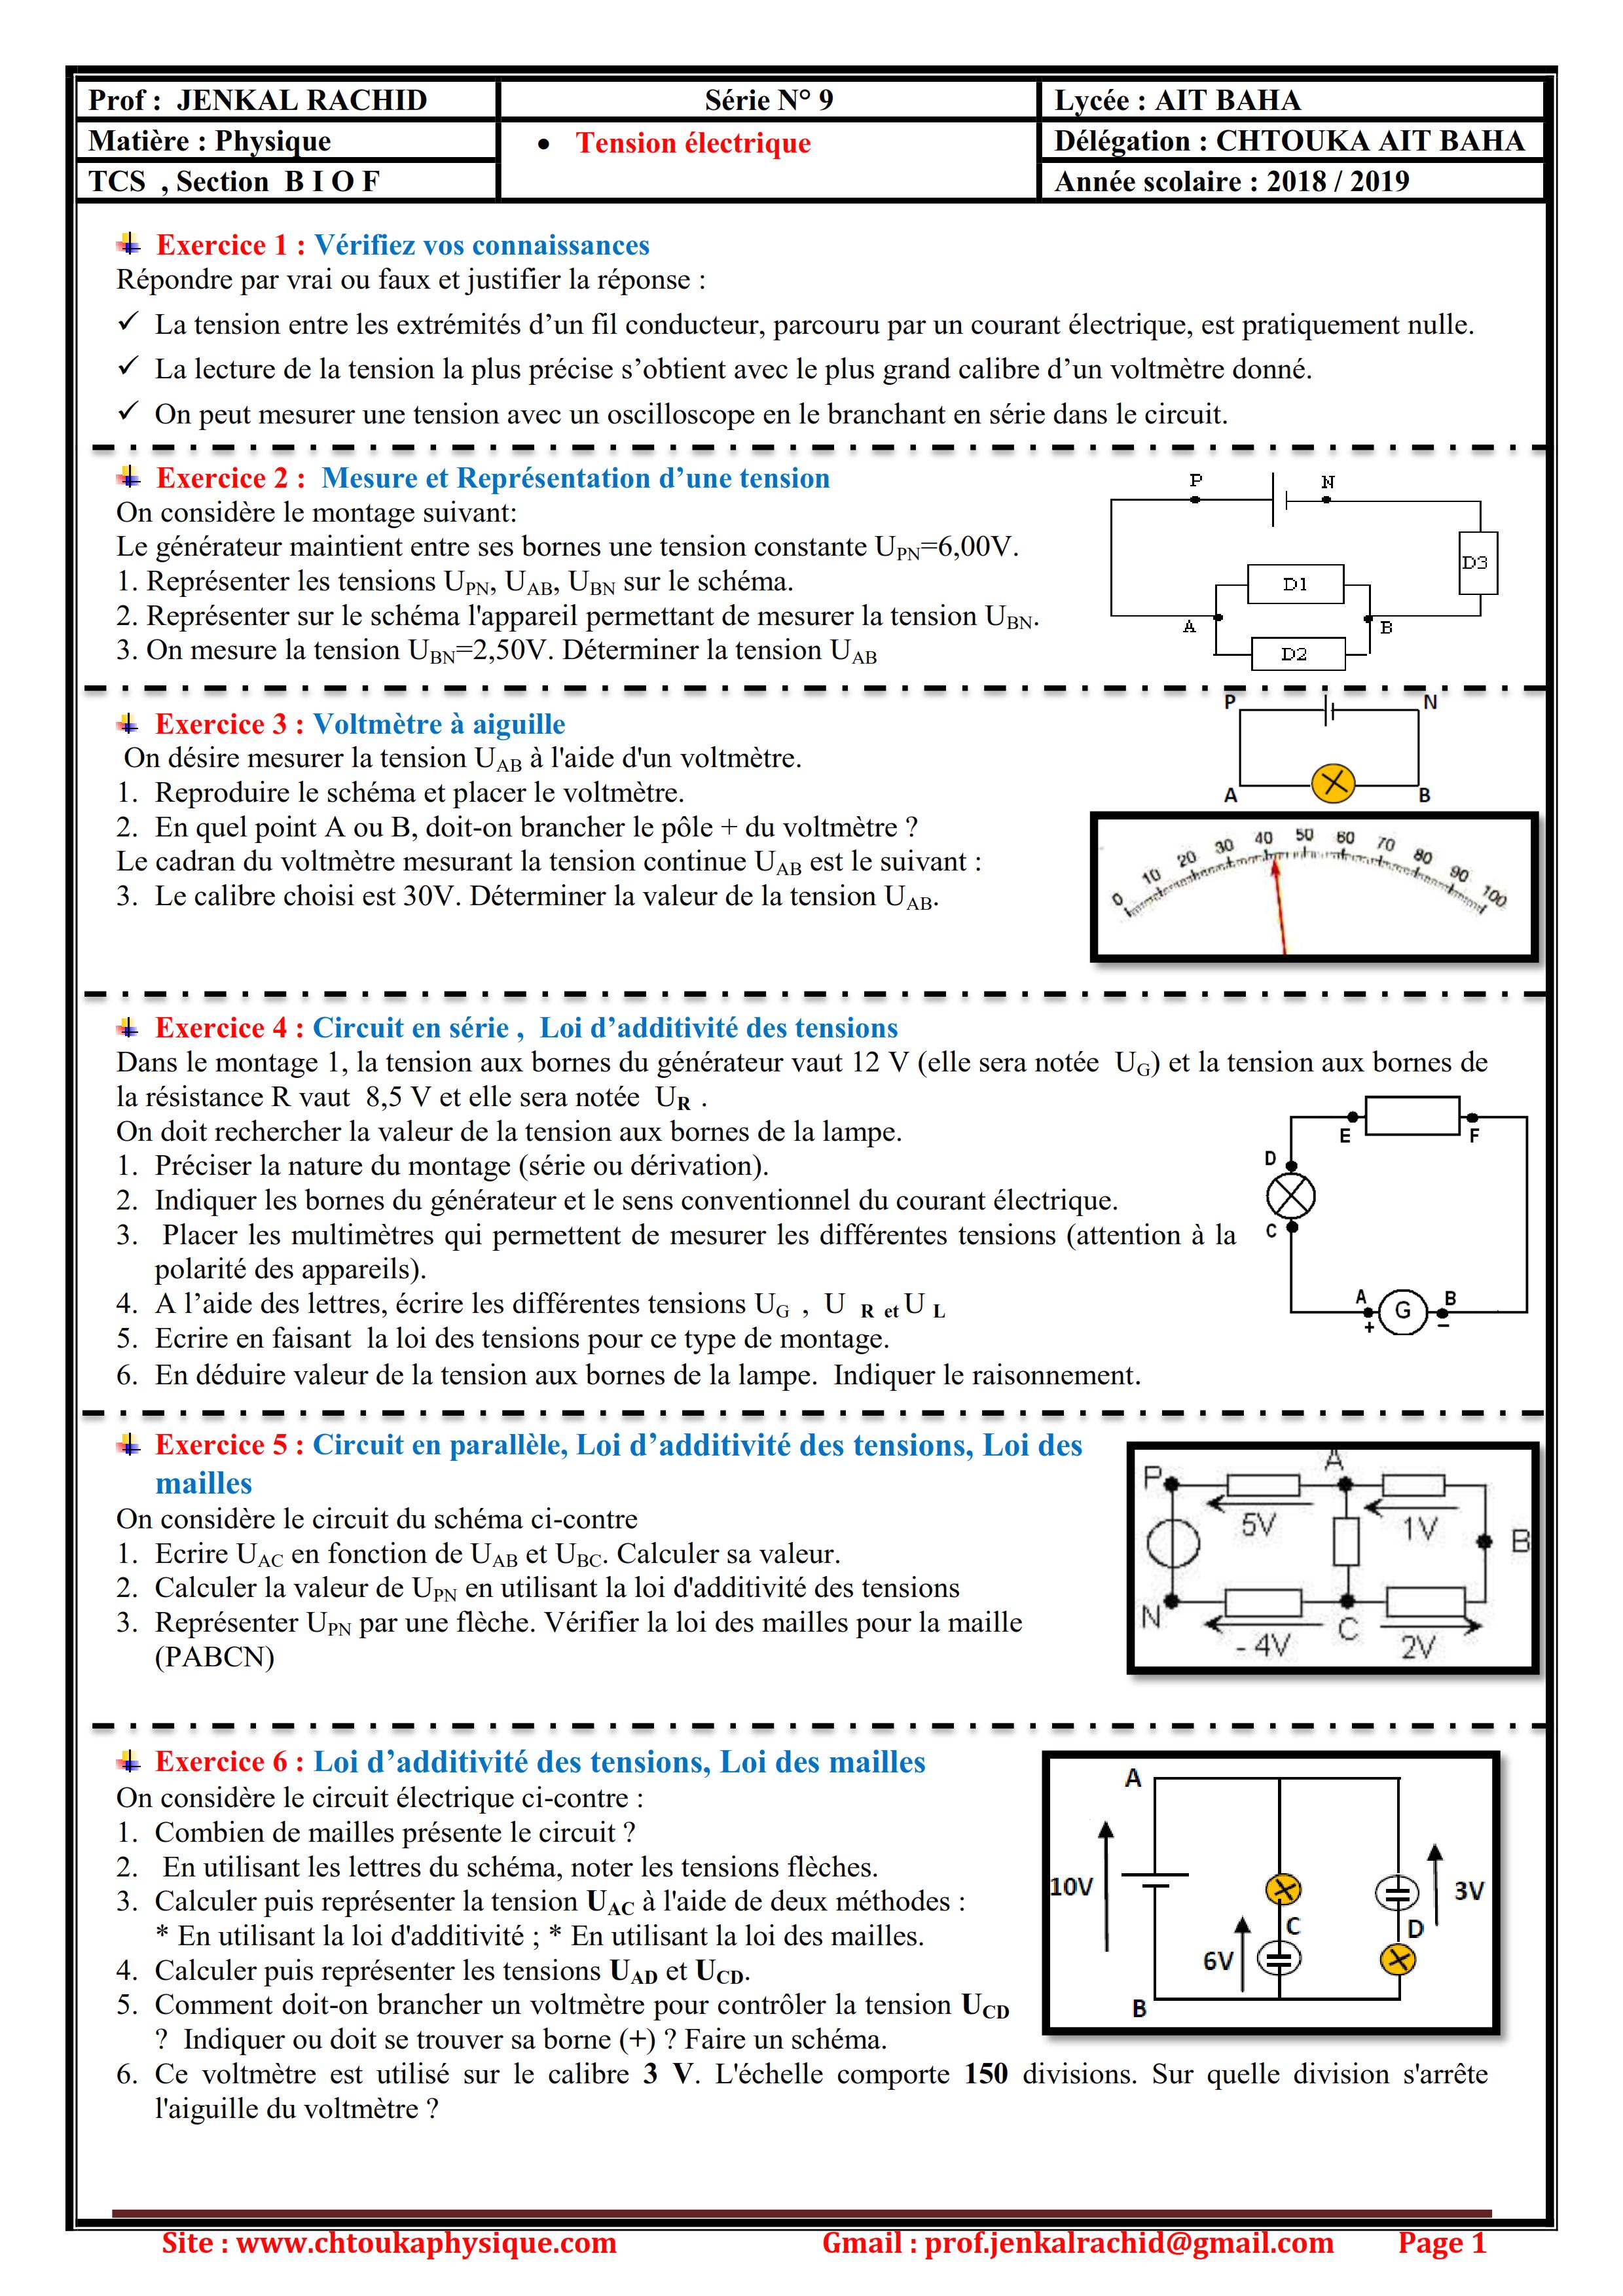 Série 9 : Tension électrique , TCS BIOF ,